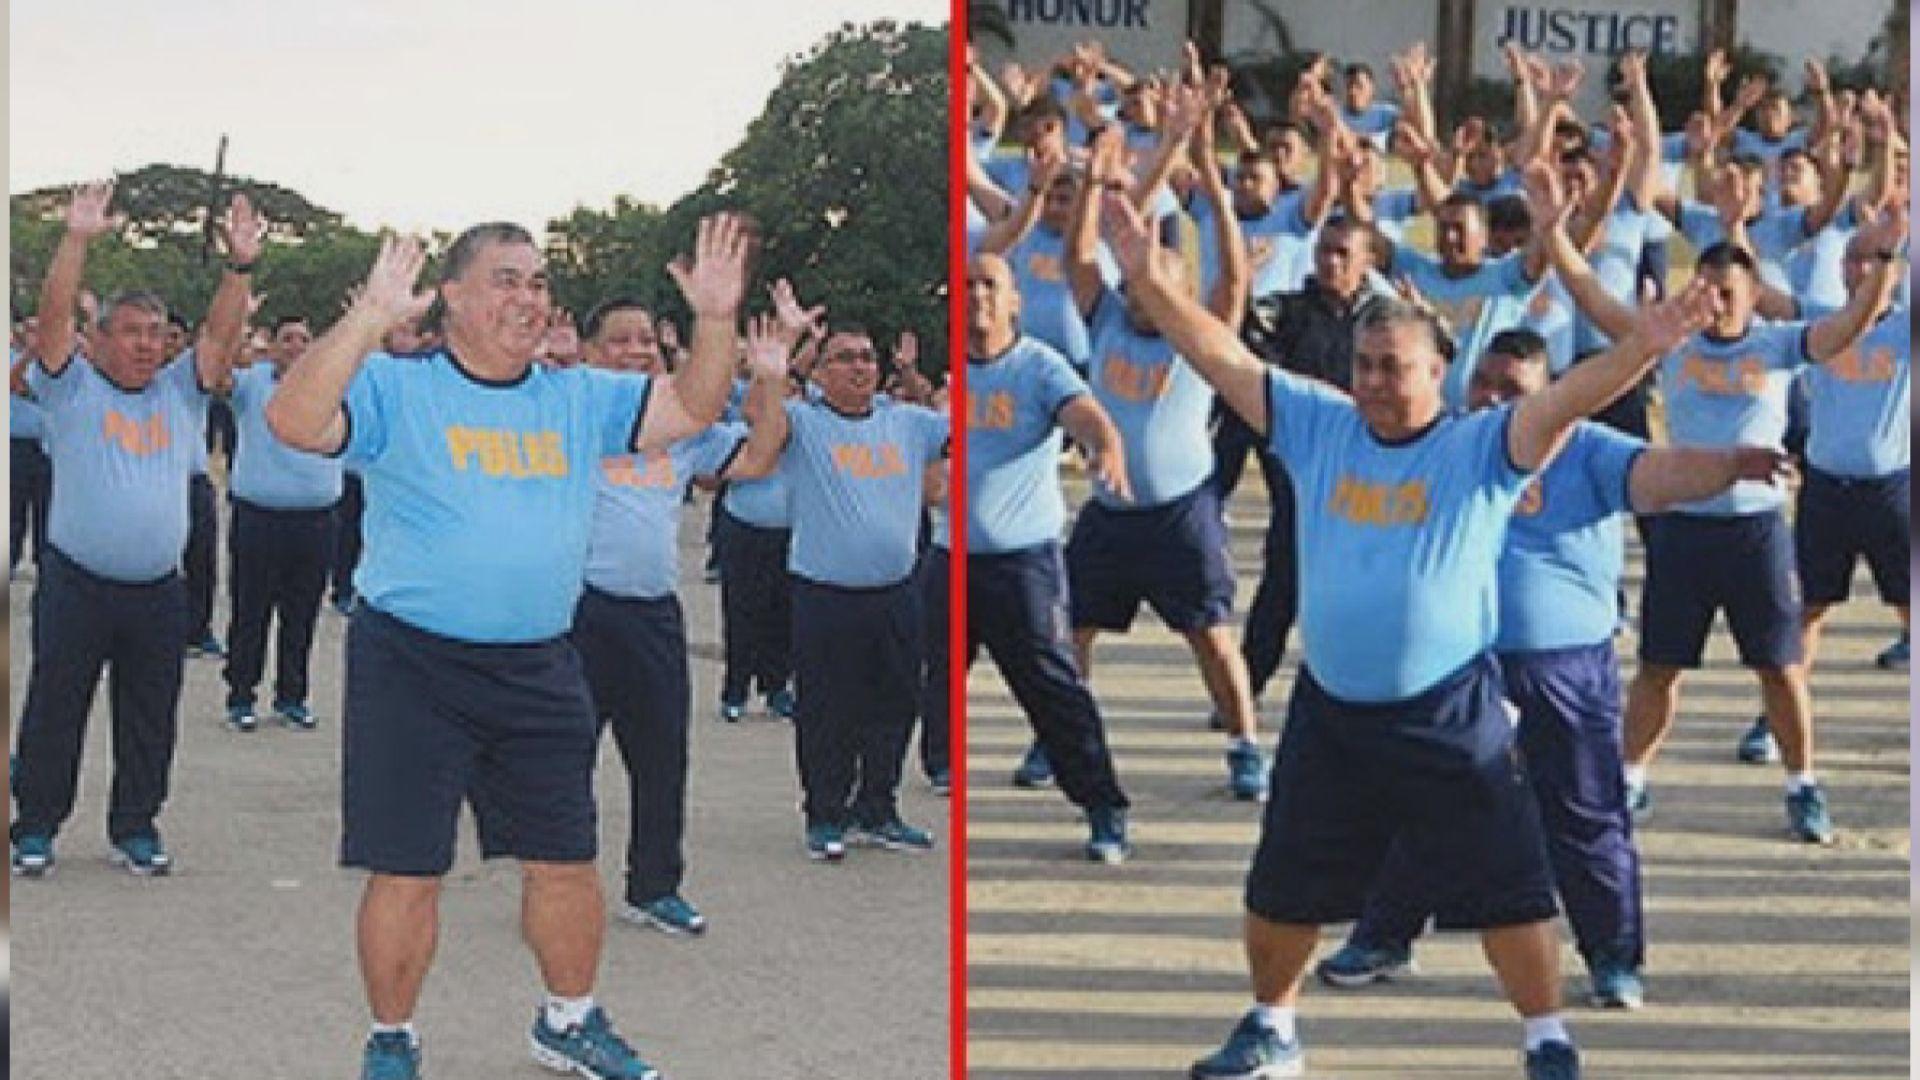 【環球薈報】菲律賓恢復監察警員體重 局長減重二十公斤